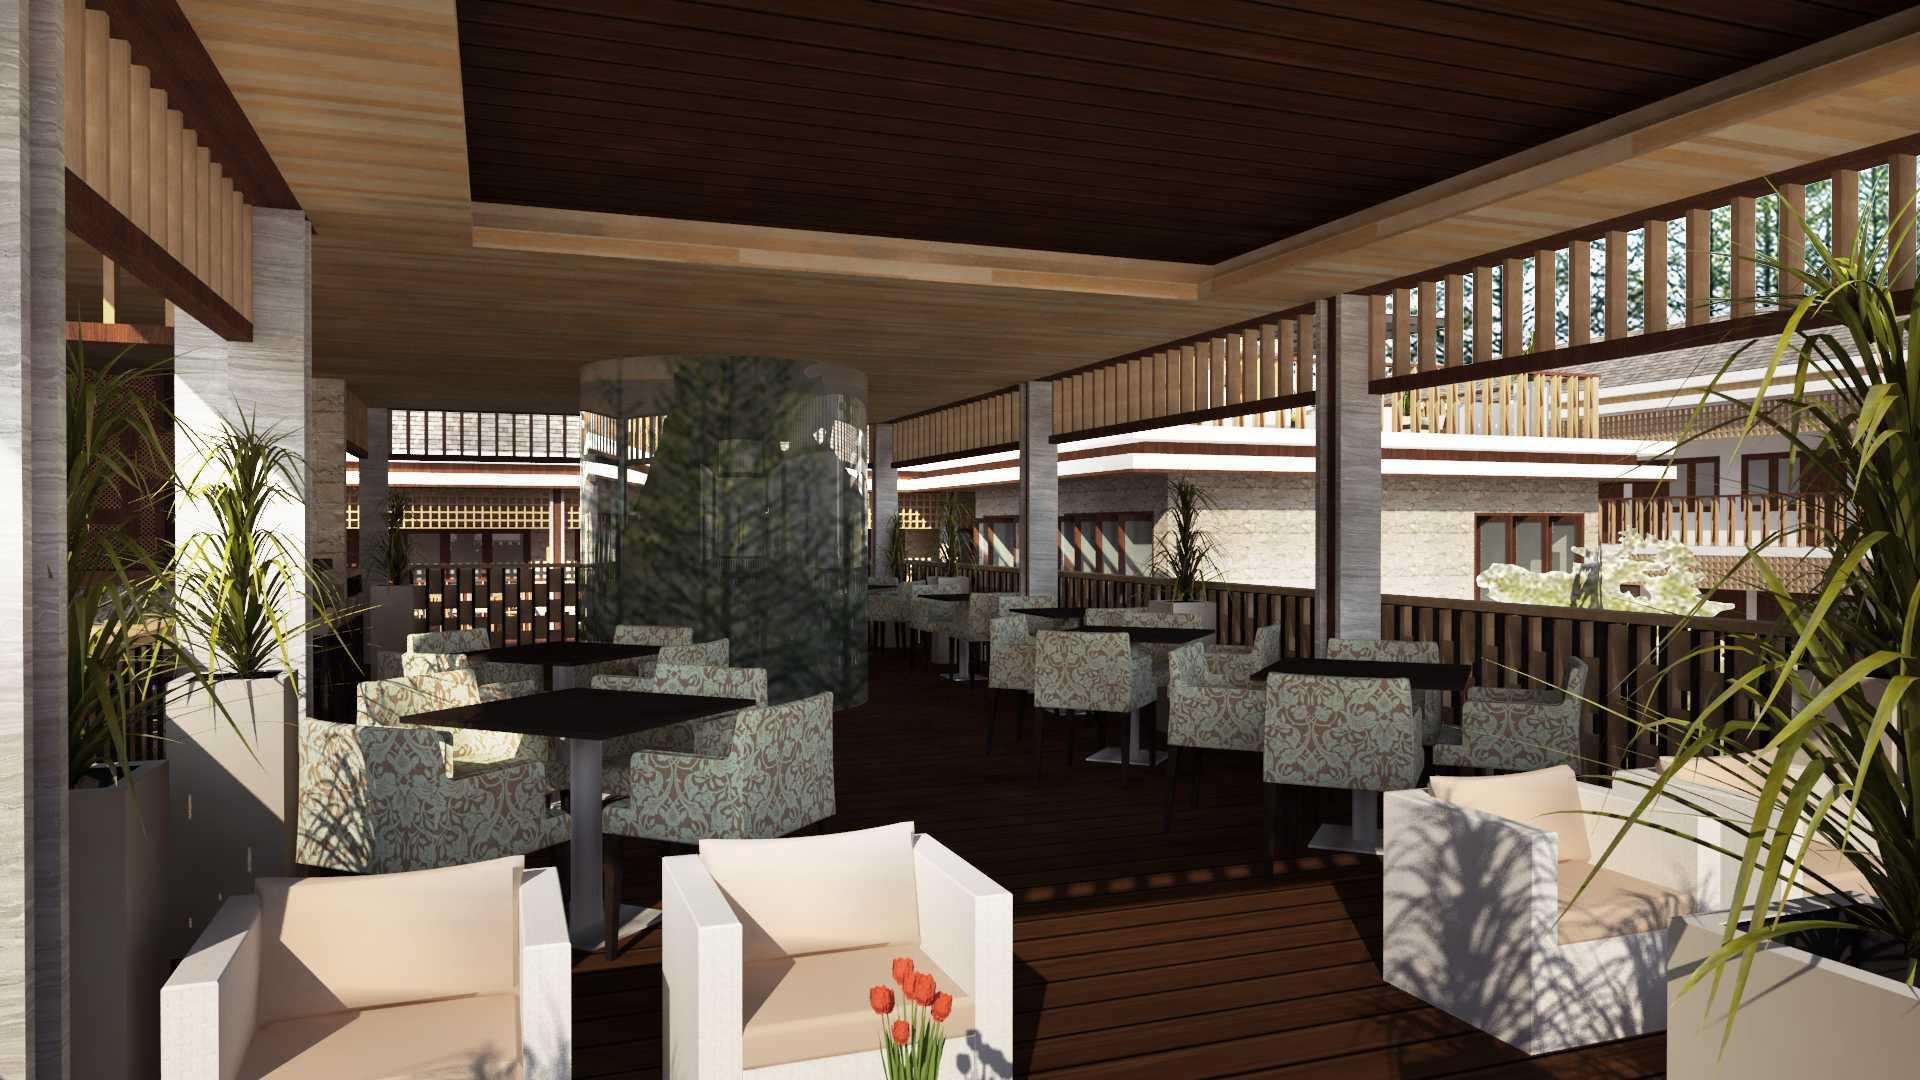 Alima Studio Bharata Hotel Solo, Central Java, Indonesia Solo, Central Java, Indonesia Dining Area Tradisional  21305